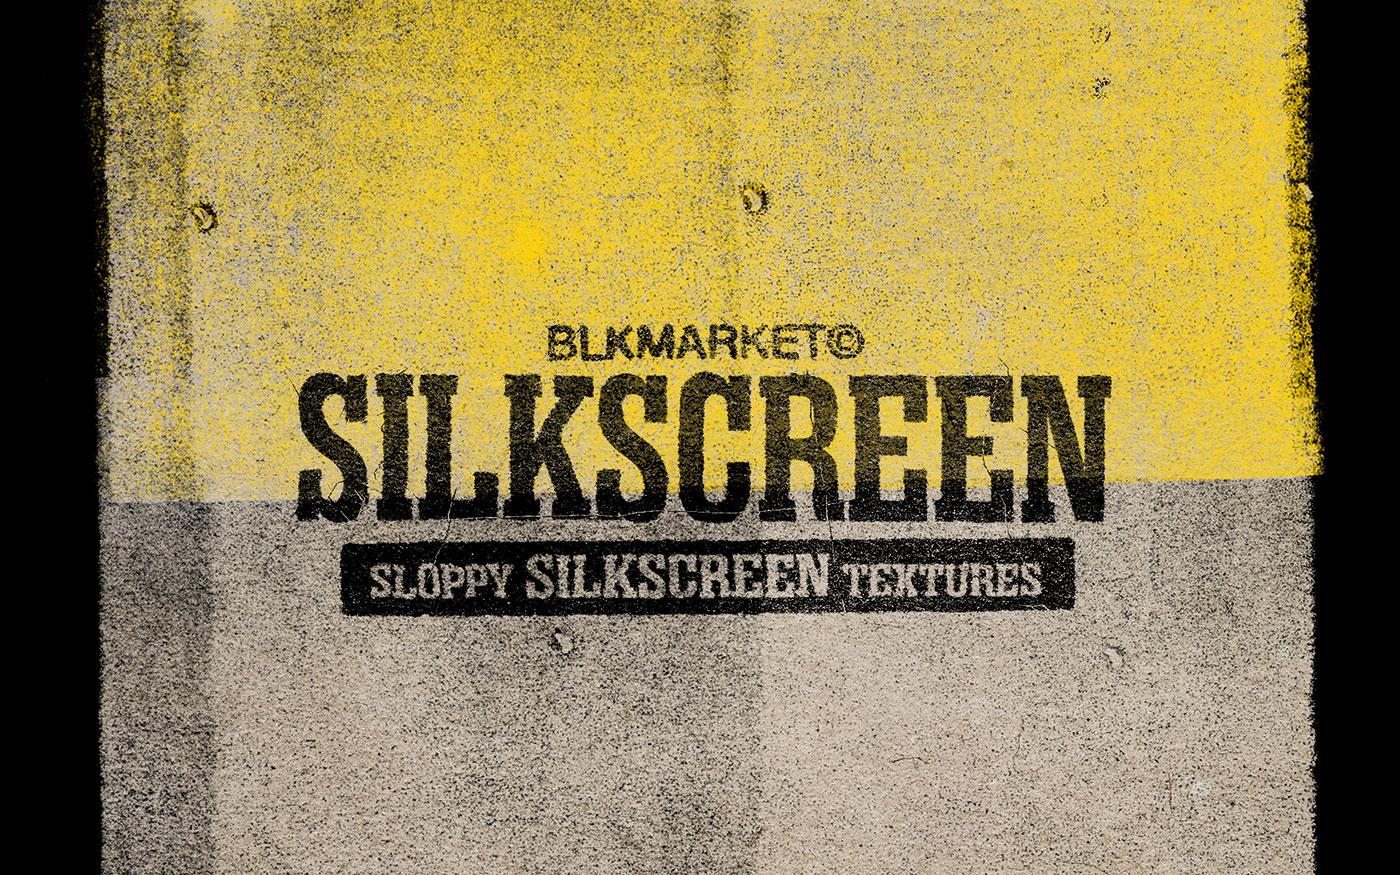 [单独购买] 潮流10K高清粗糙墨水丝印纹理海报设计PNG透明背景图片素材 Blkmarket – Silkscreen插图